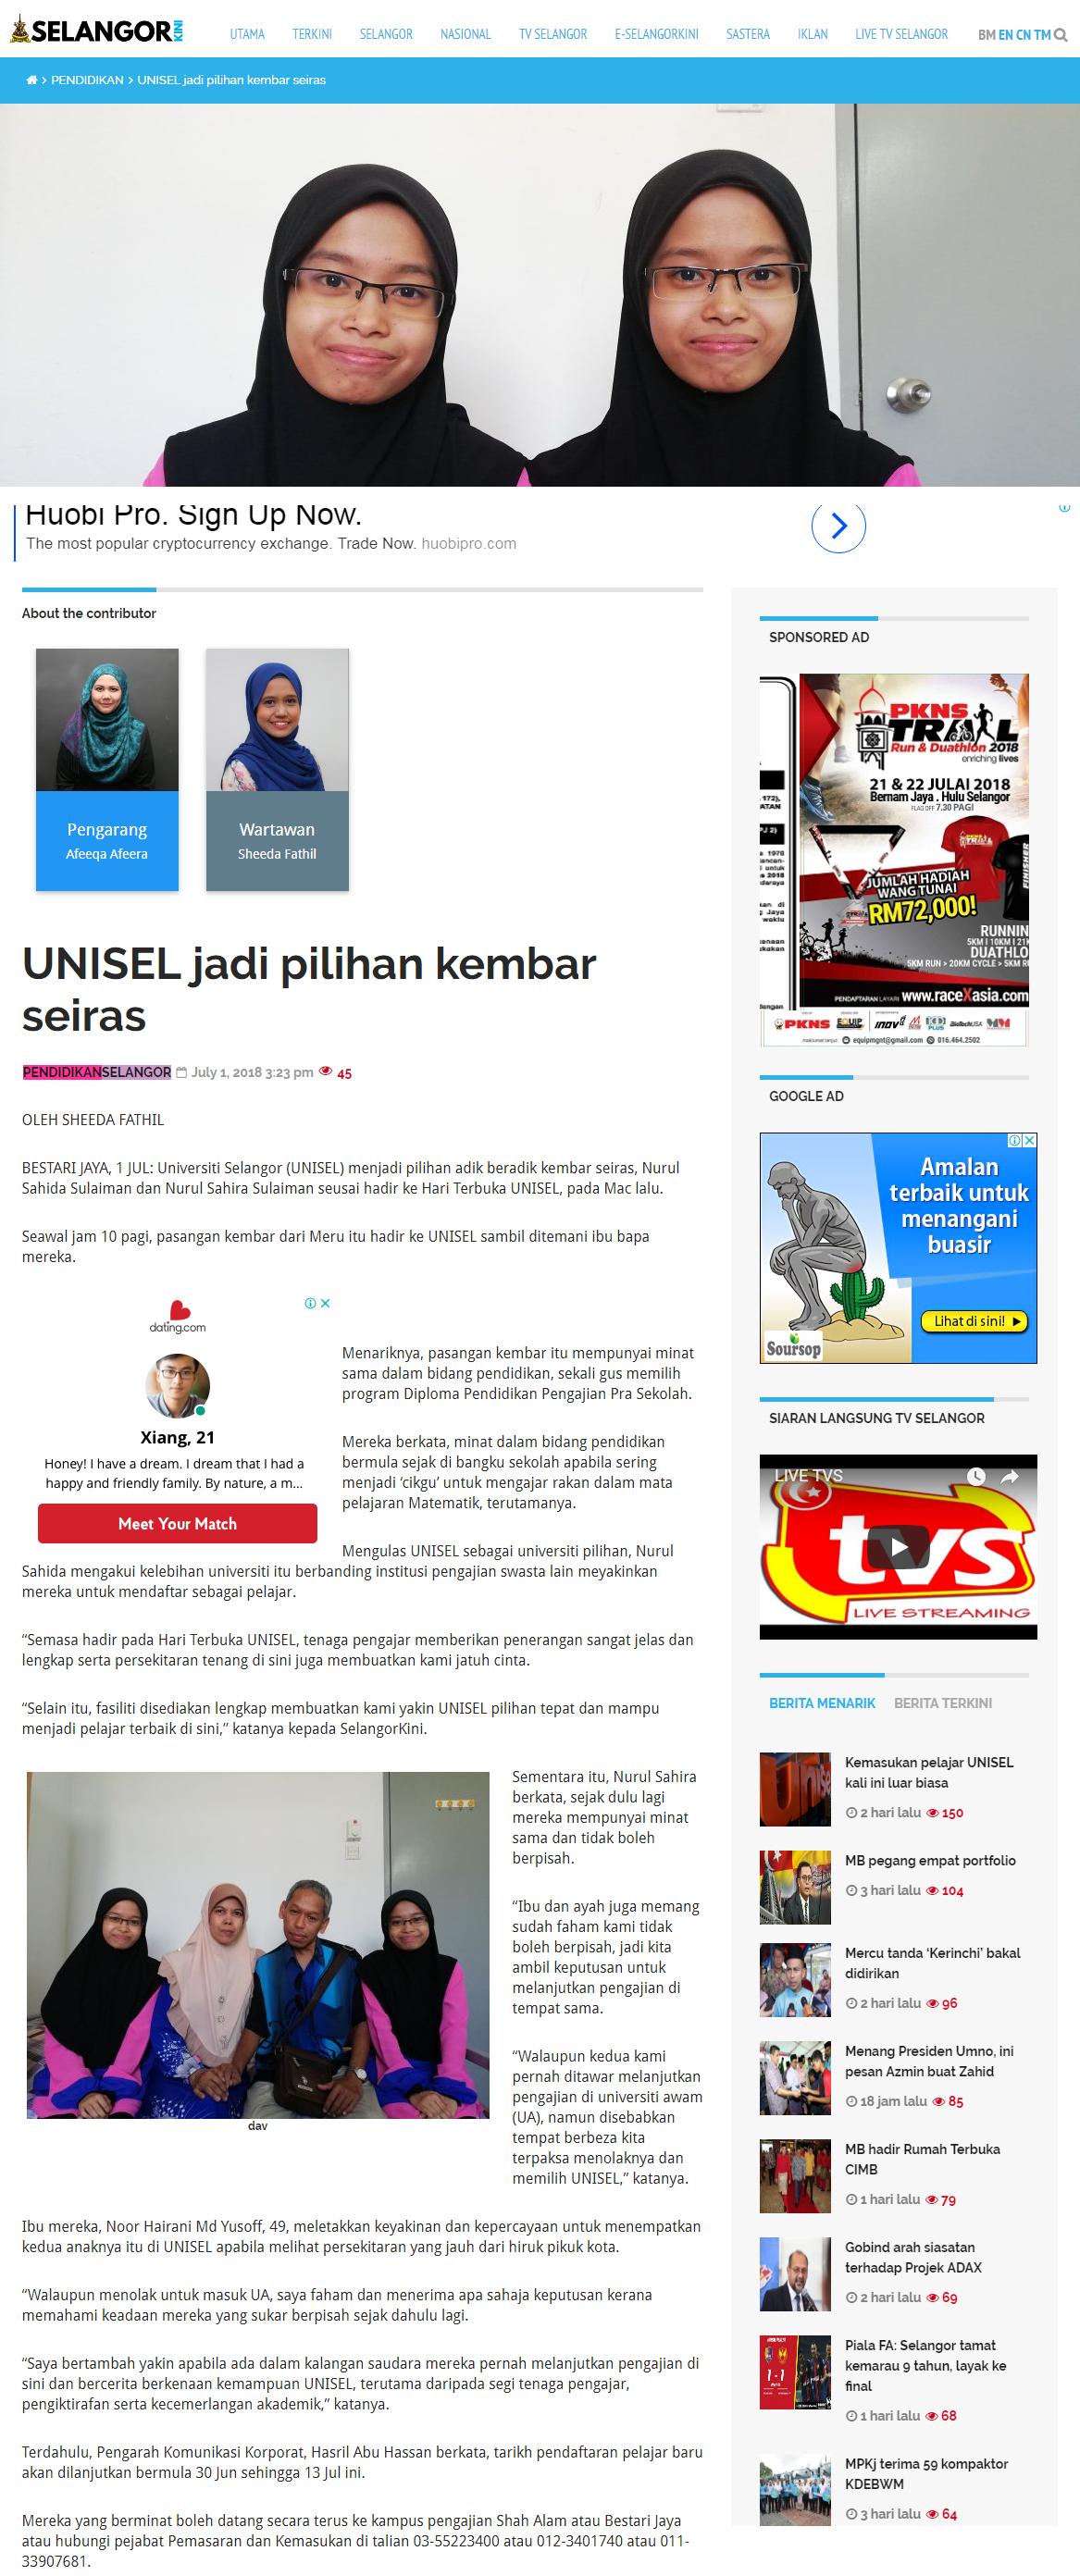 Selangorkini Online - 1 Julai 2018